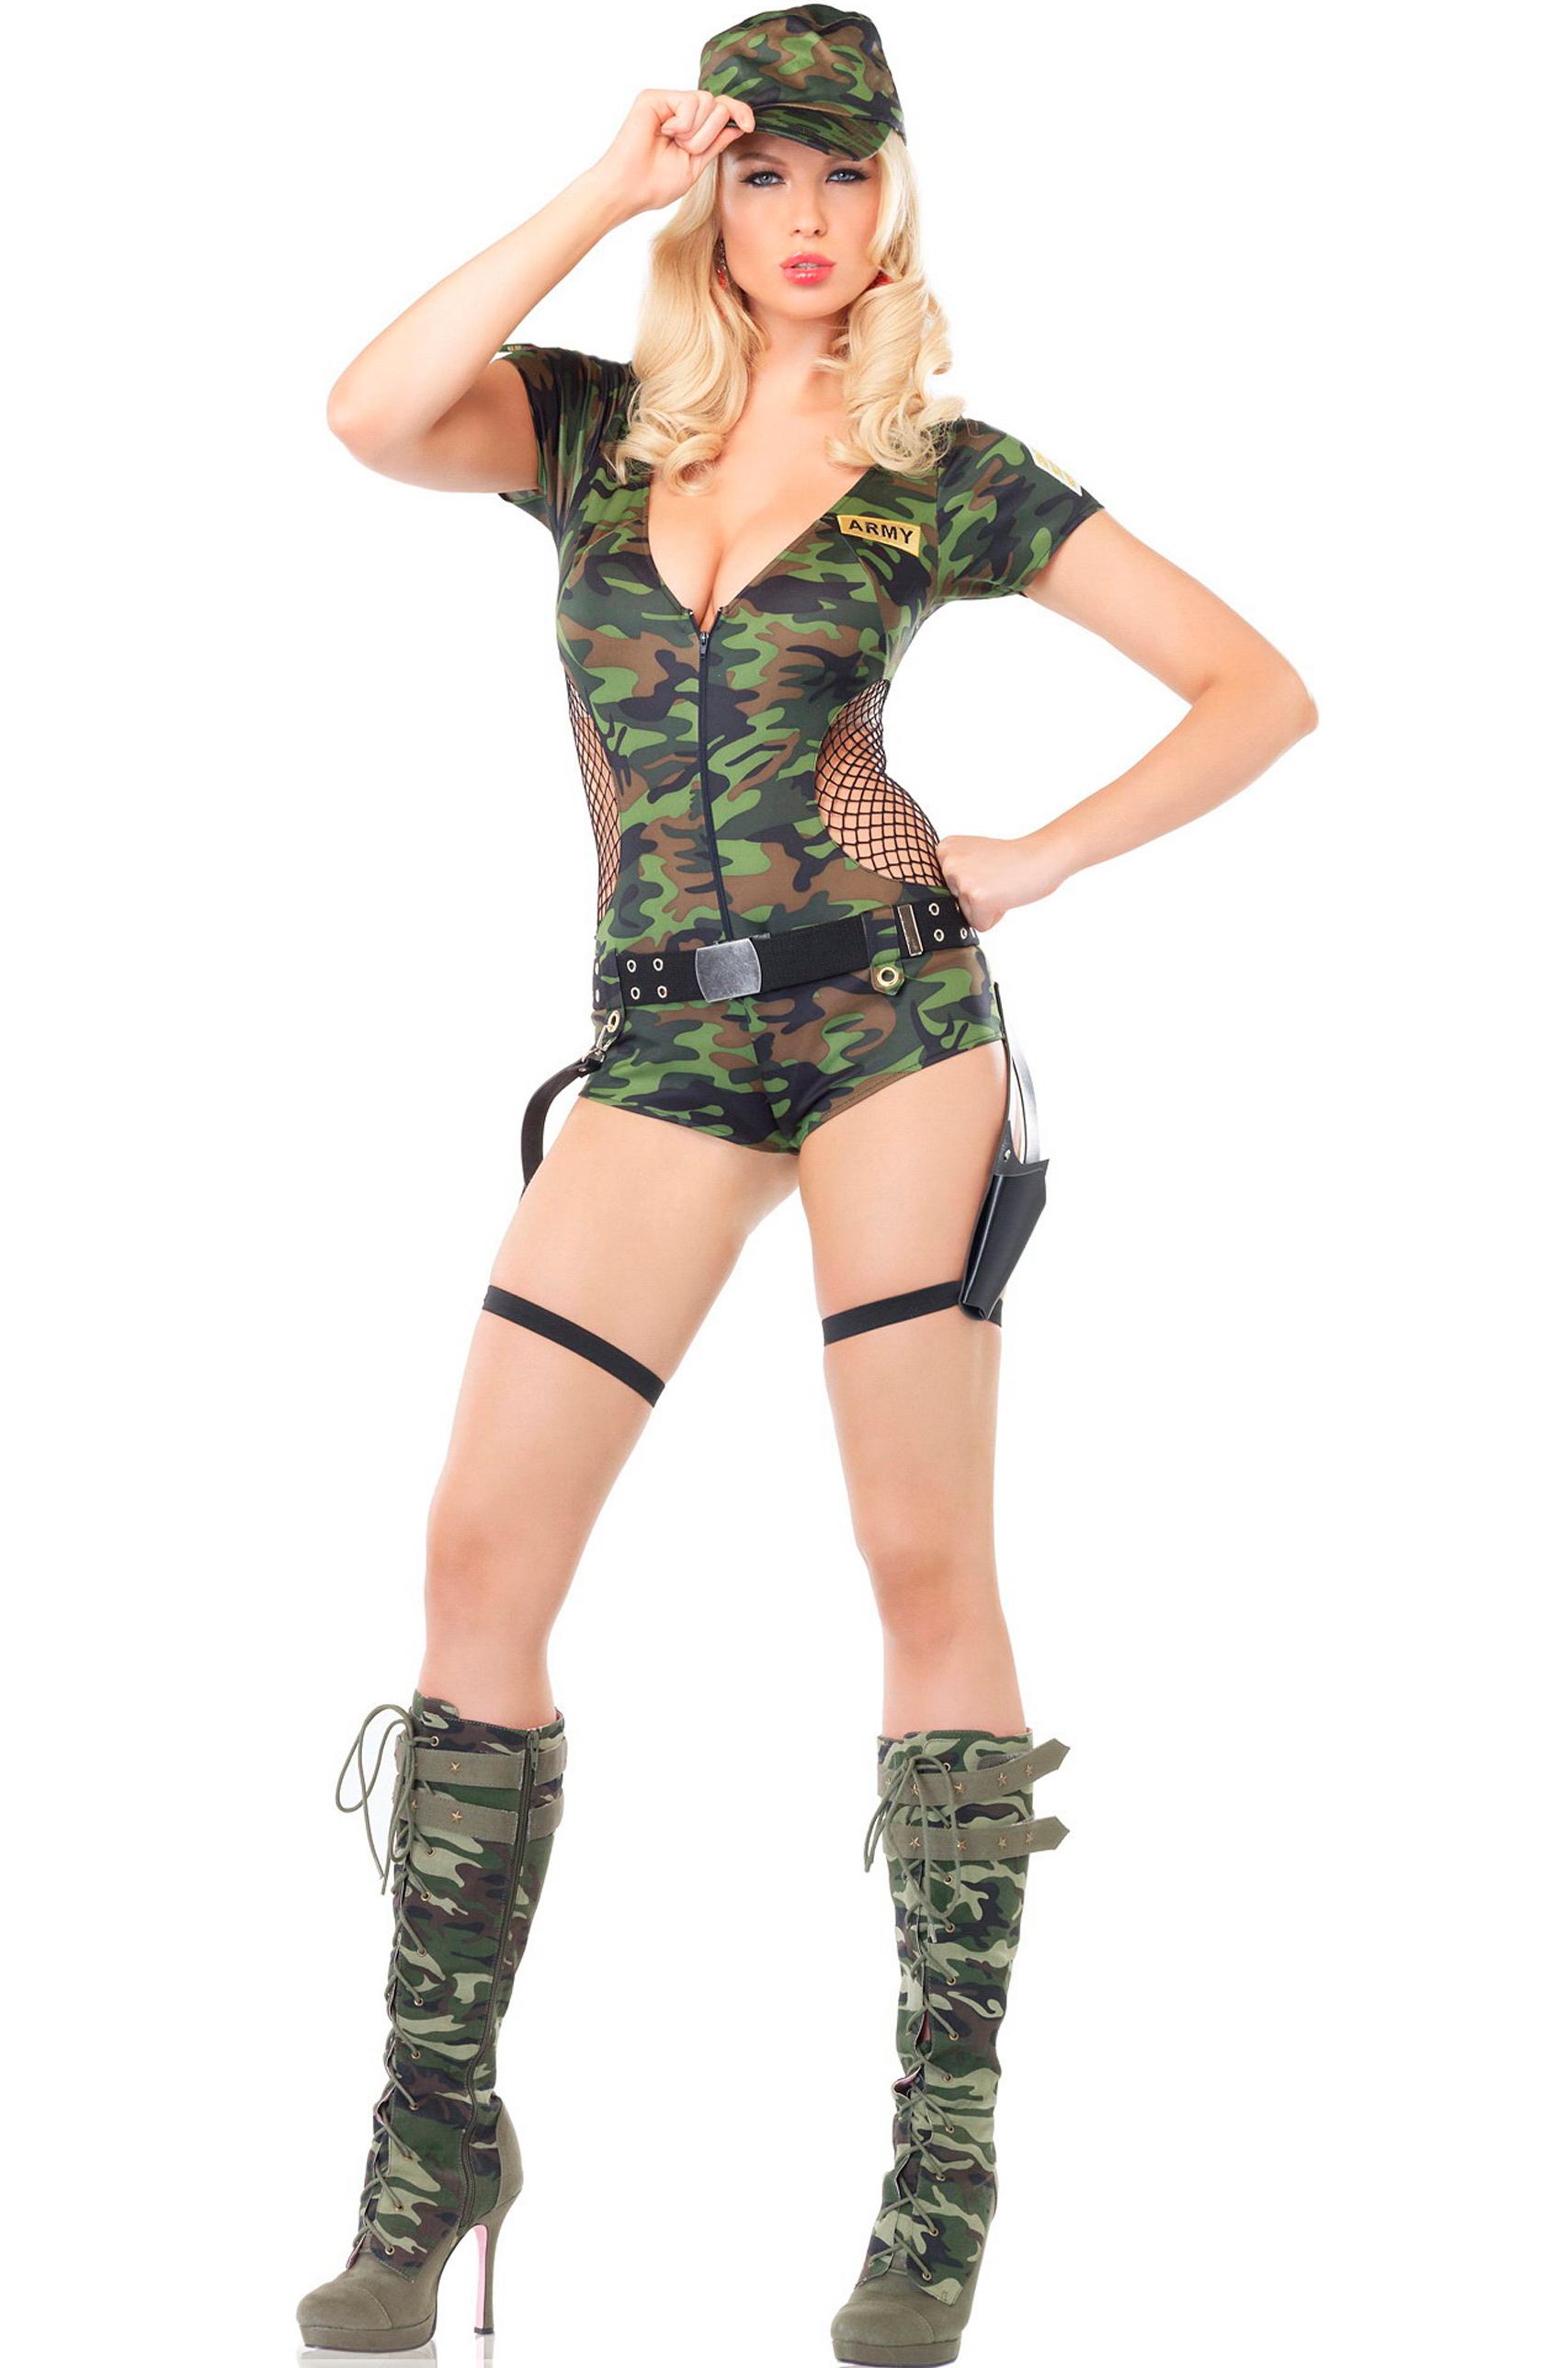 Сексуальные девушки в эротичных военных костюмах фотосессия фото 18 фотография